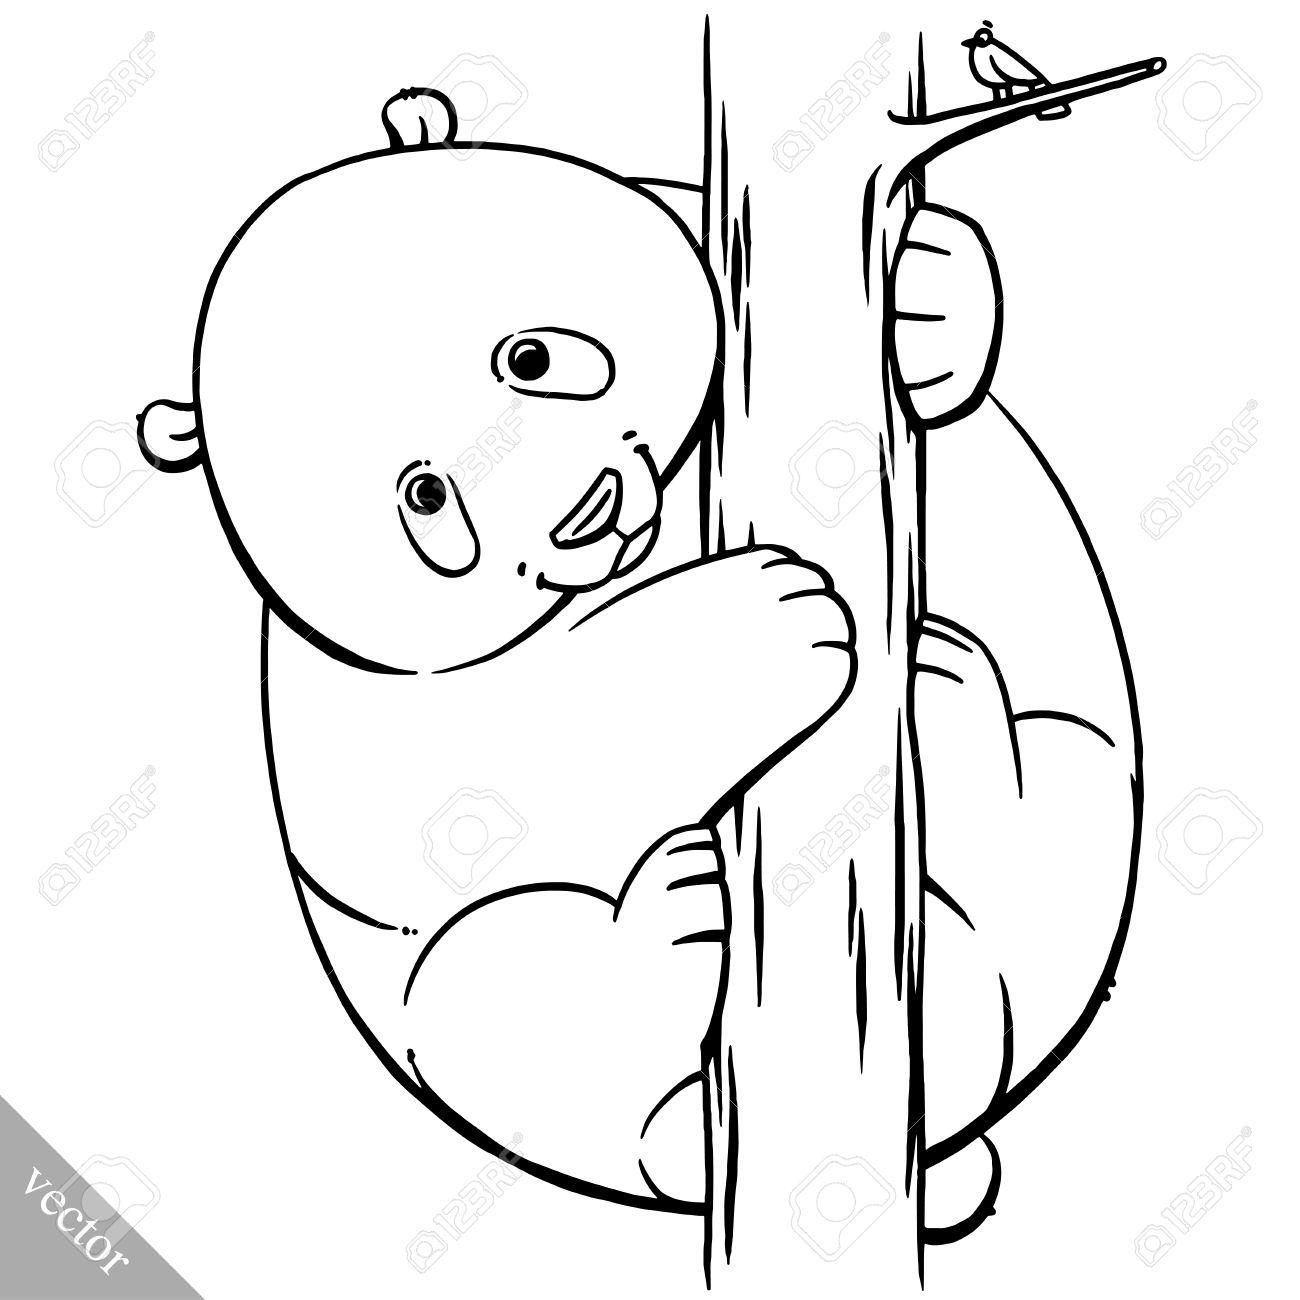 Funny Cartoon Cute Cool Fat Vector Panda Bear Illustration Stock